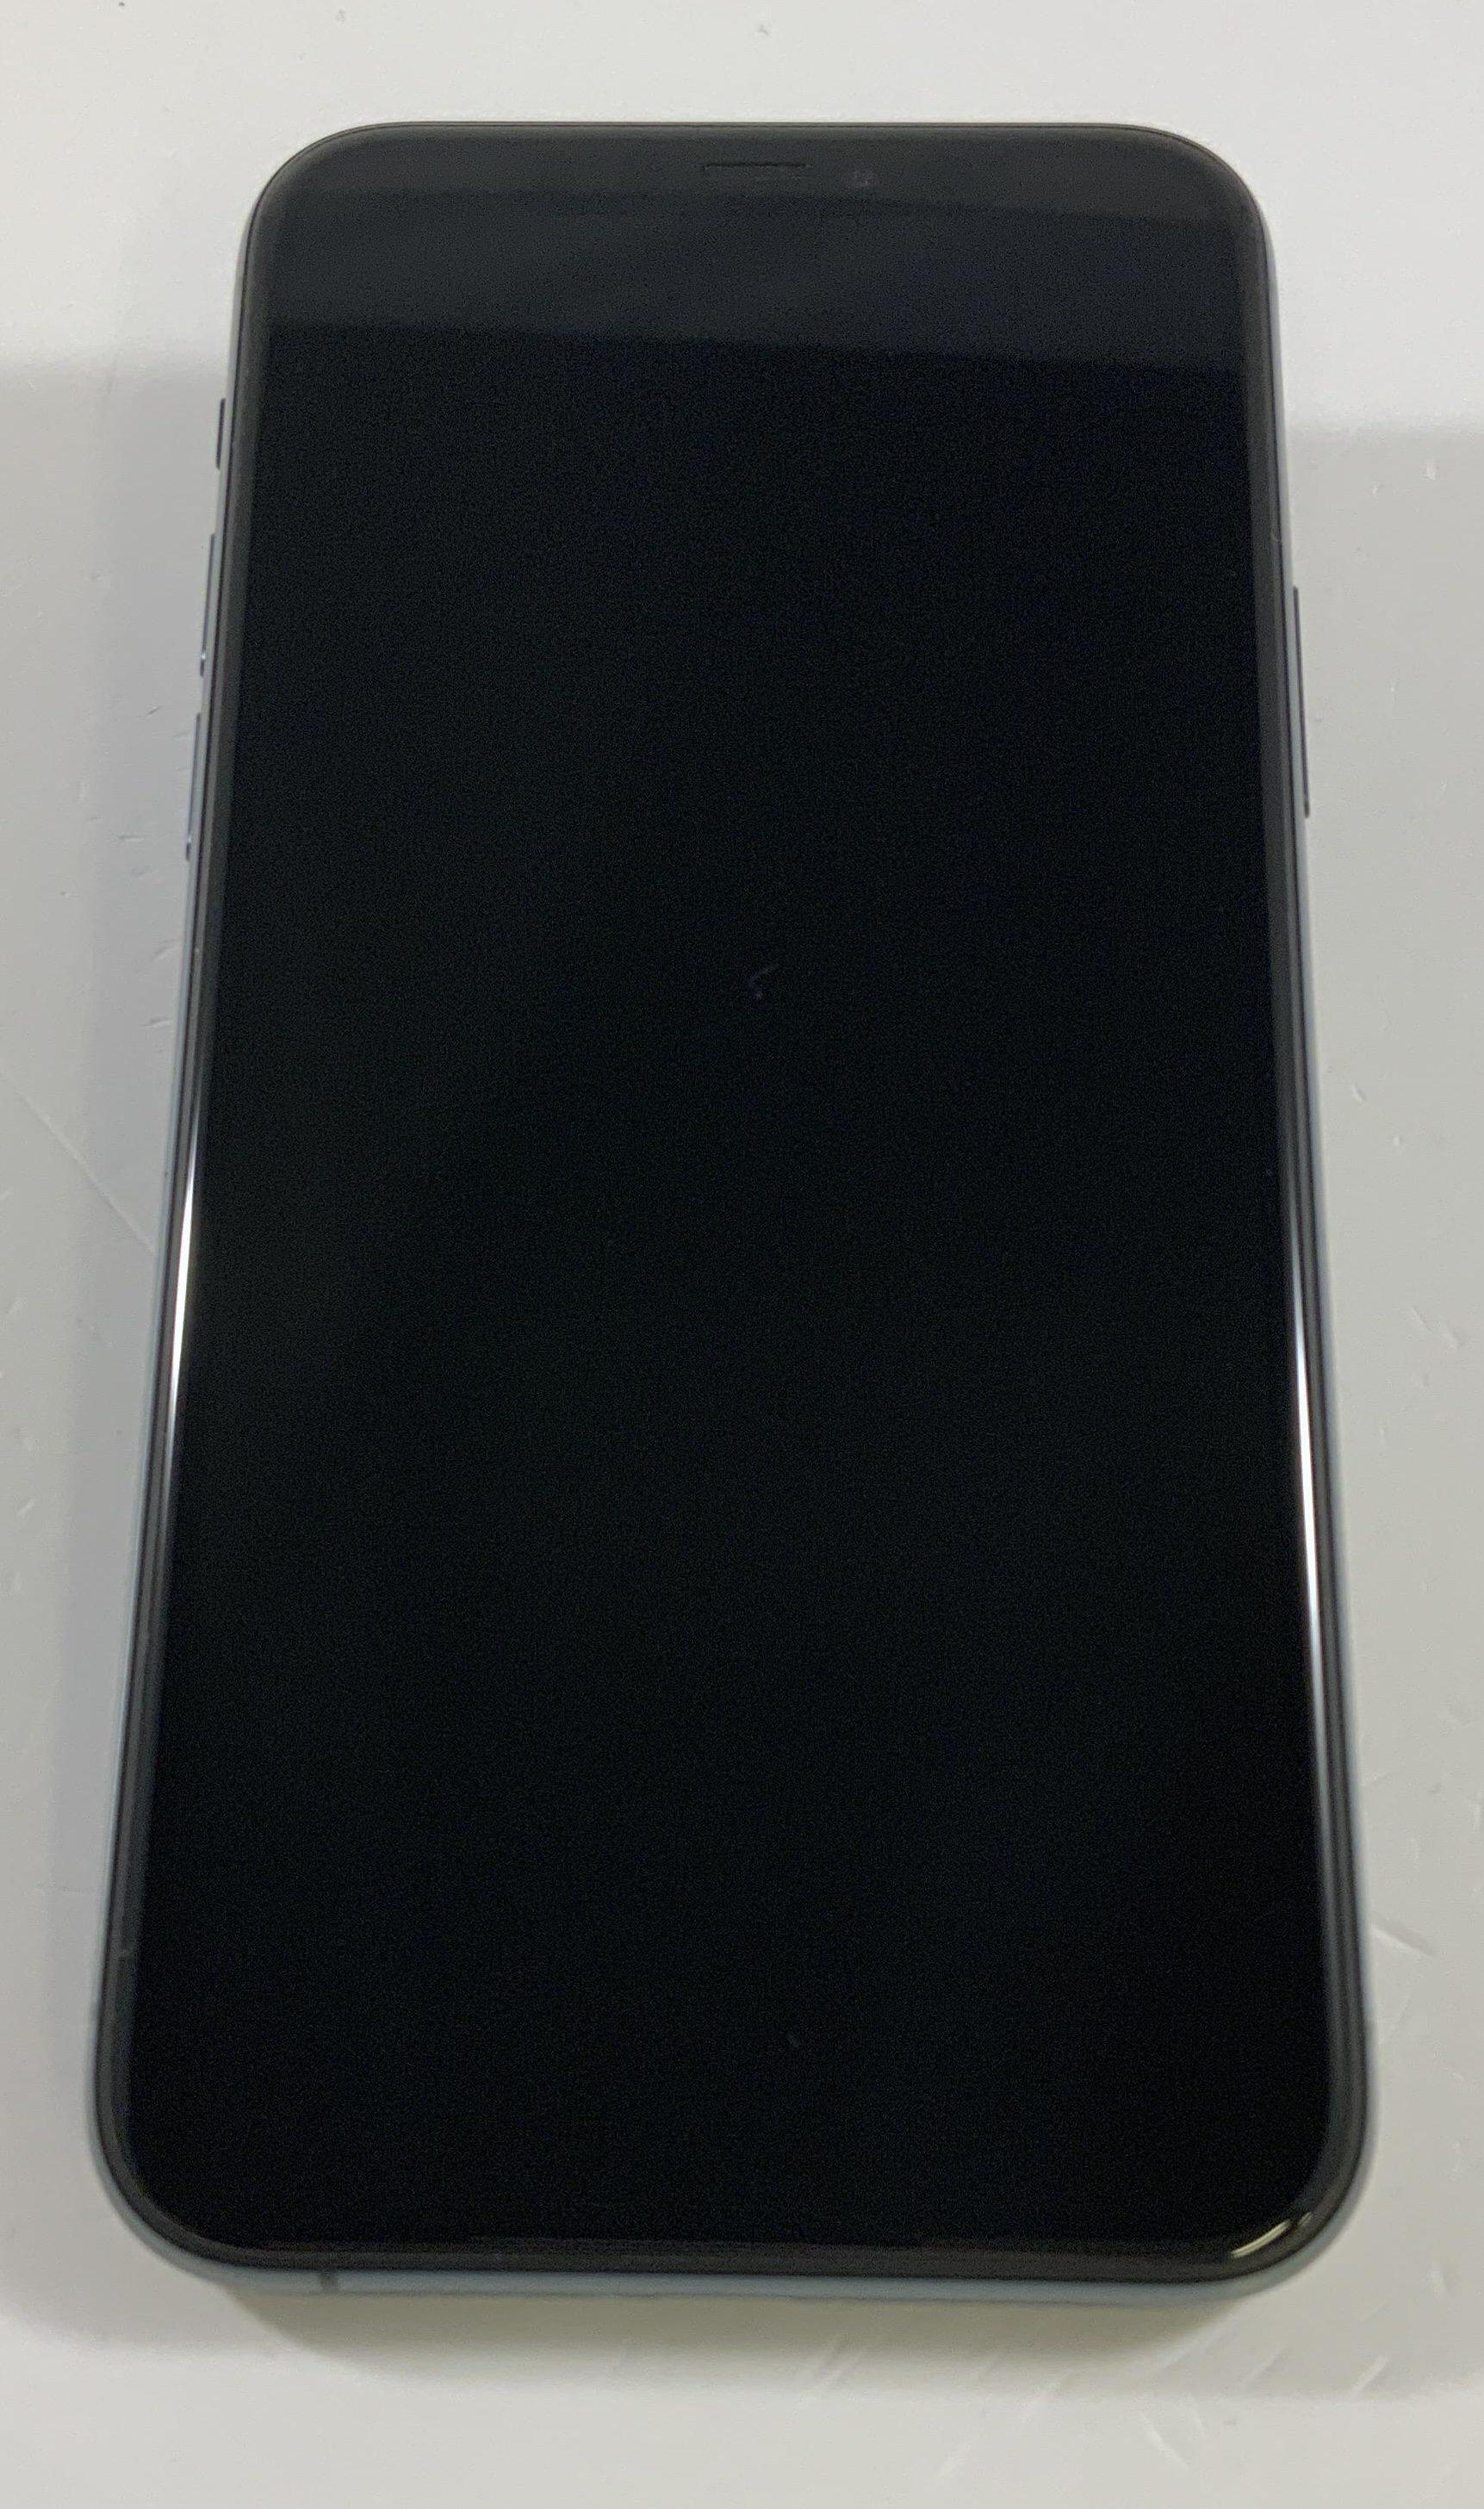 iPhone 11 Pro 256GB, 256GB, Midnight Green, immagine 3